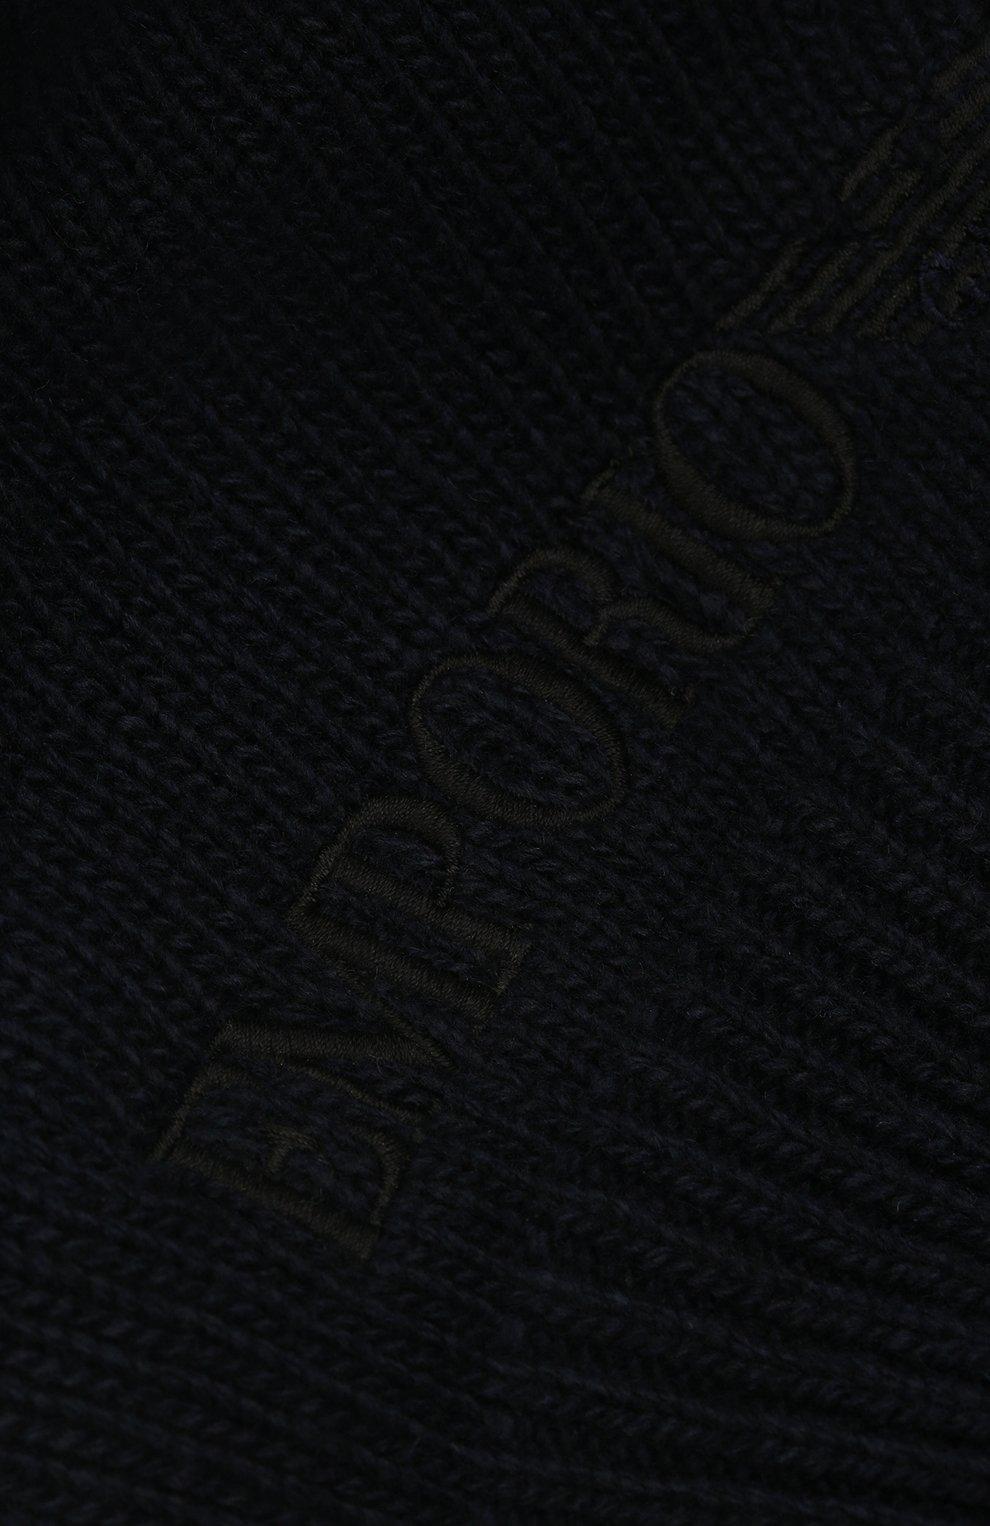 Детский берет из шерсти и вискозы EMPORIO ARMANI синего цвета, арт. 394615/1A495 | Фото 3 (Материал: Текстиль, Шерсть, Вискоза, Синтетический материал)